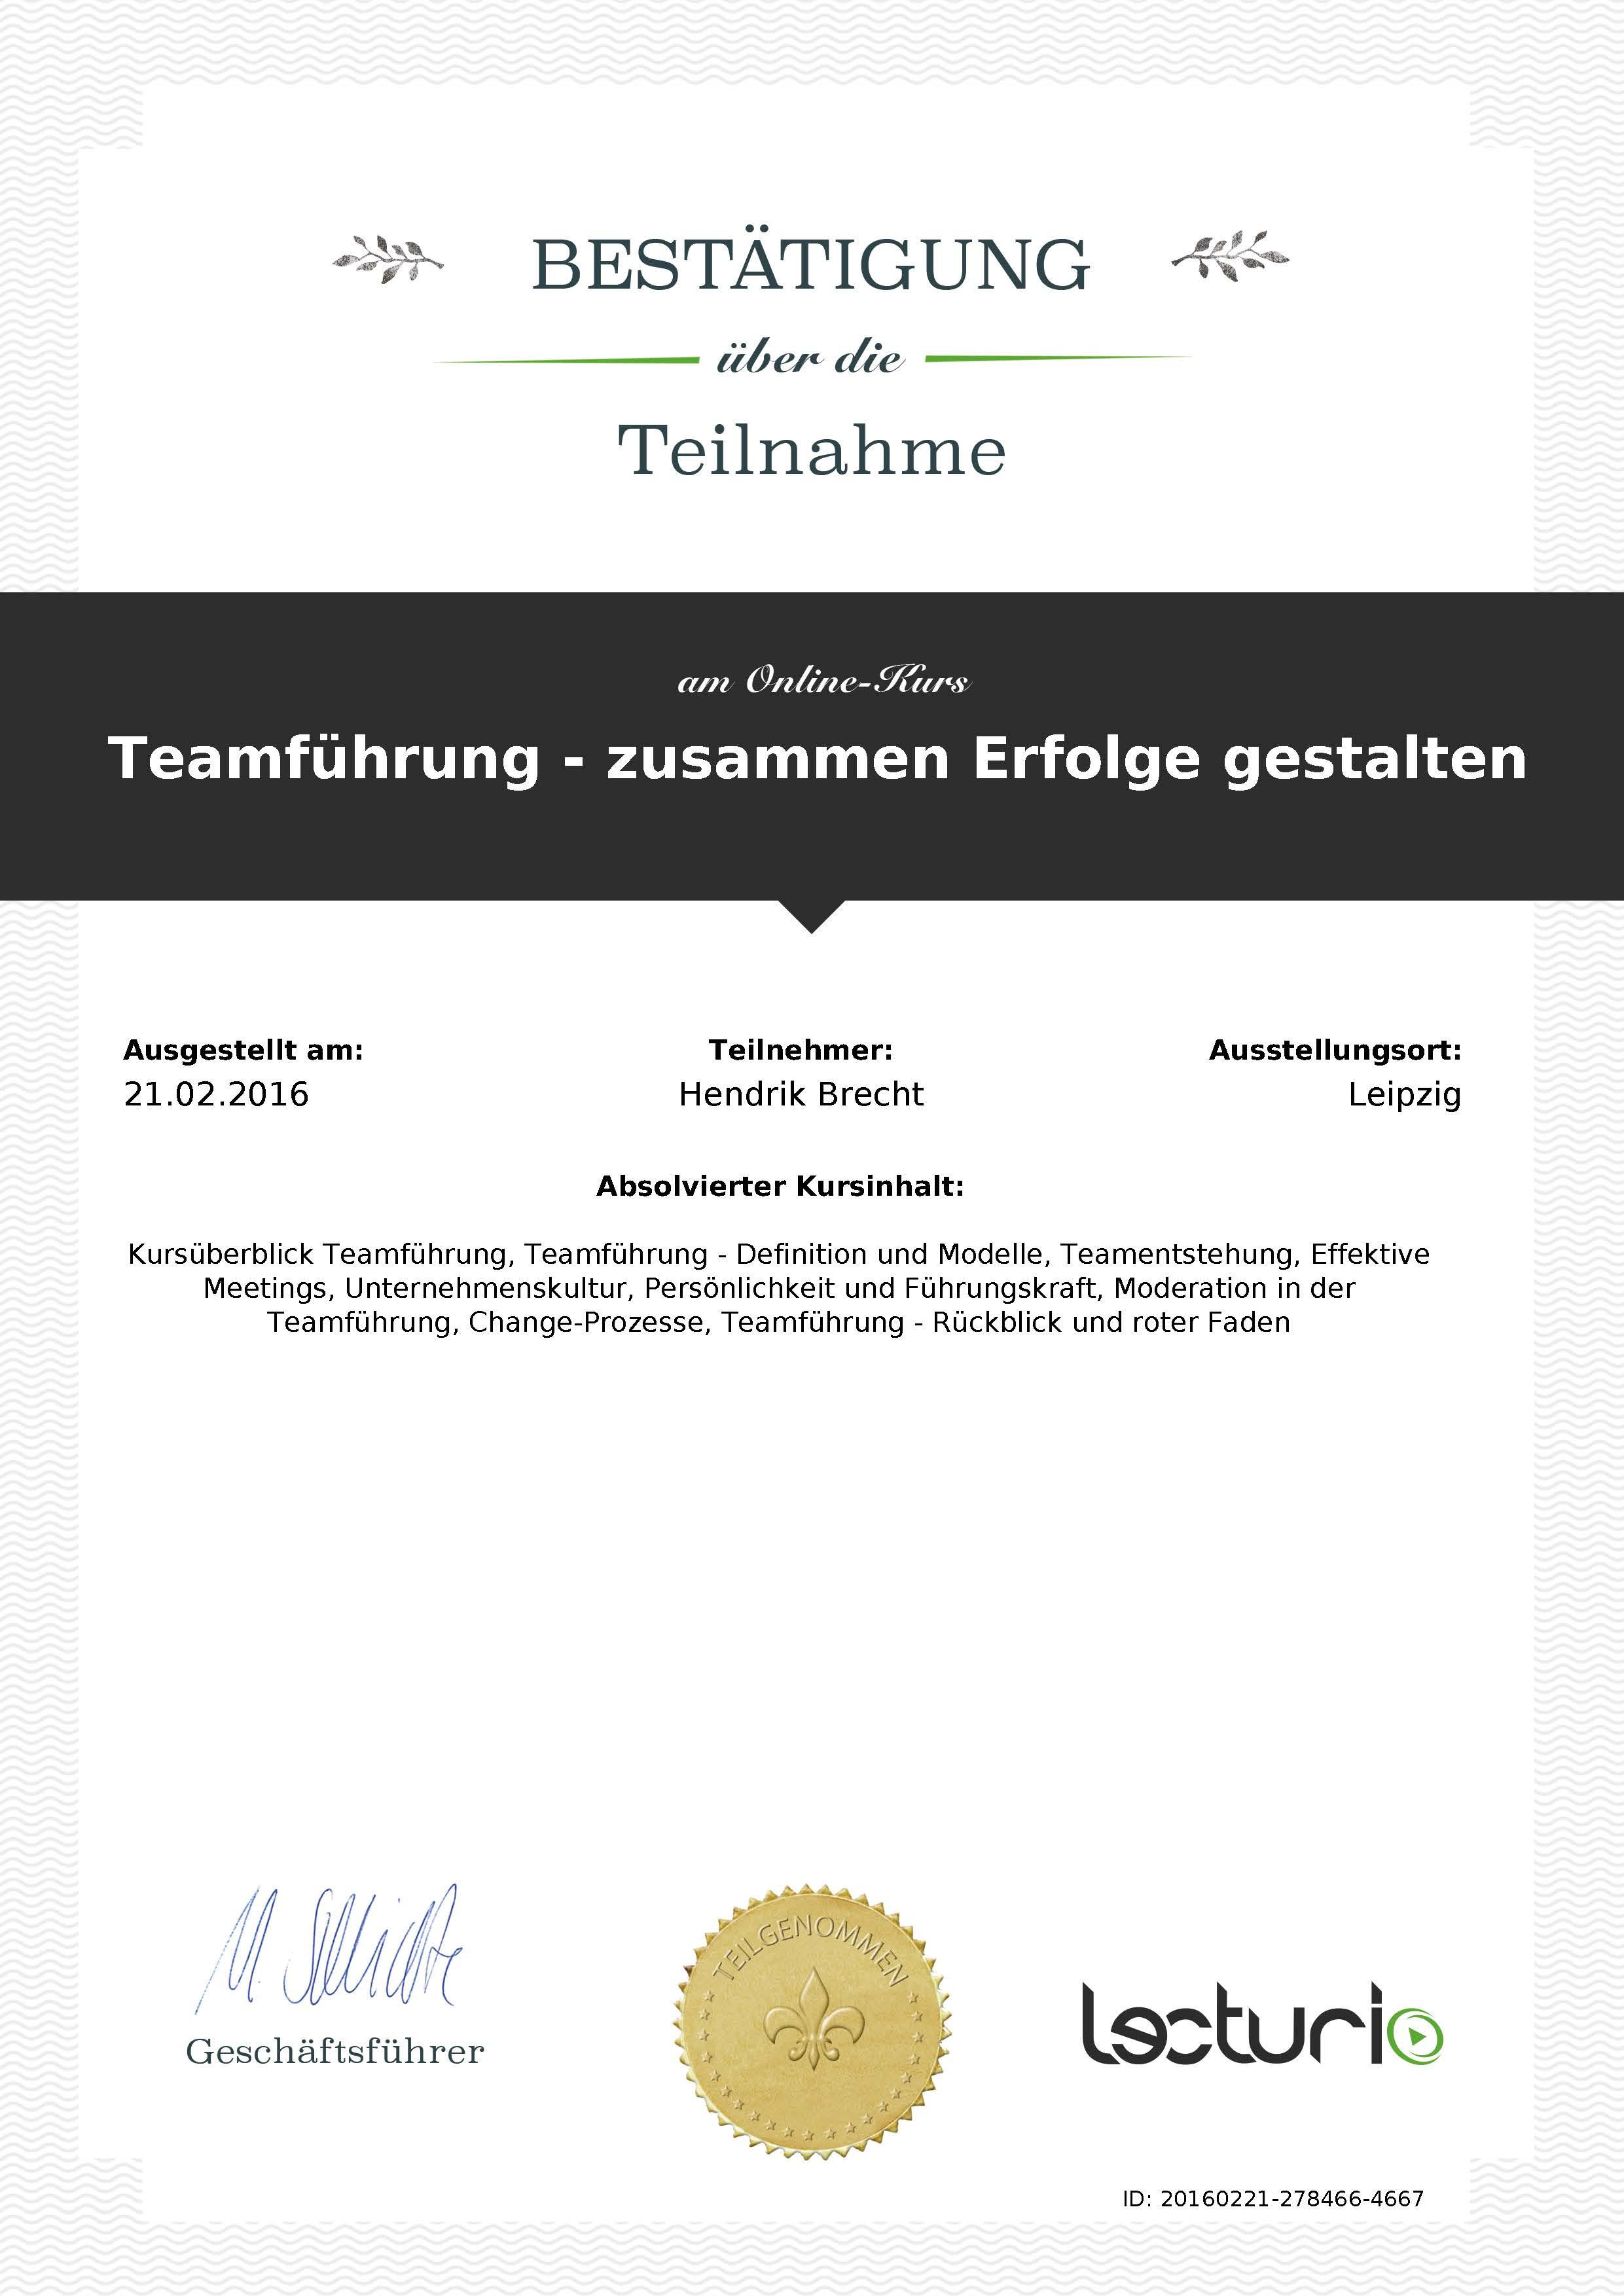 Hendrik Brecht - Teamführung - zusammen Erfolge gestalten 2016